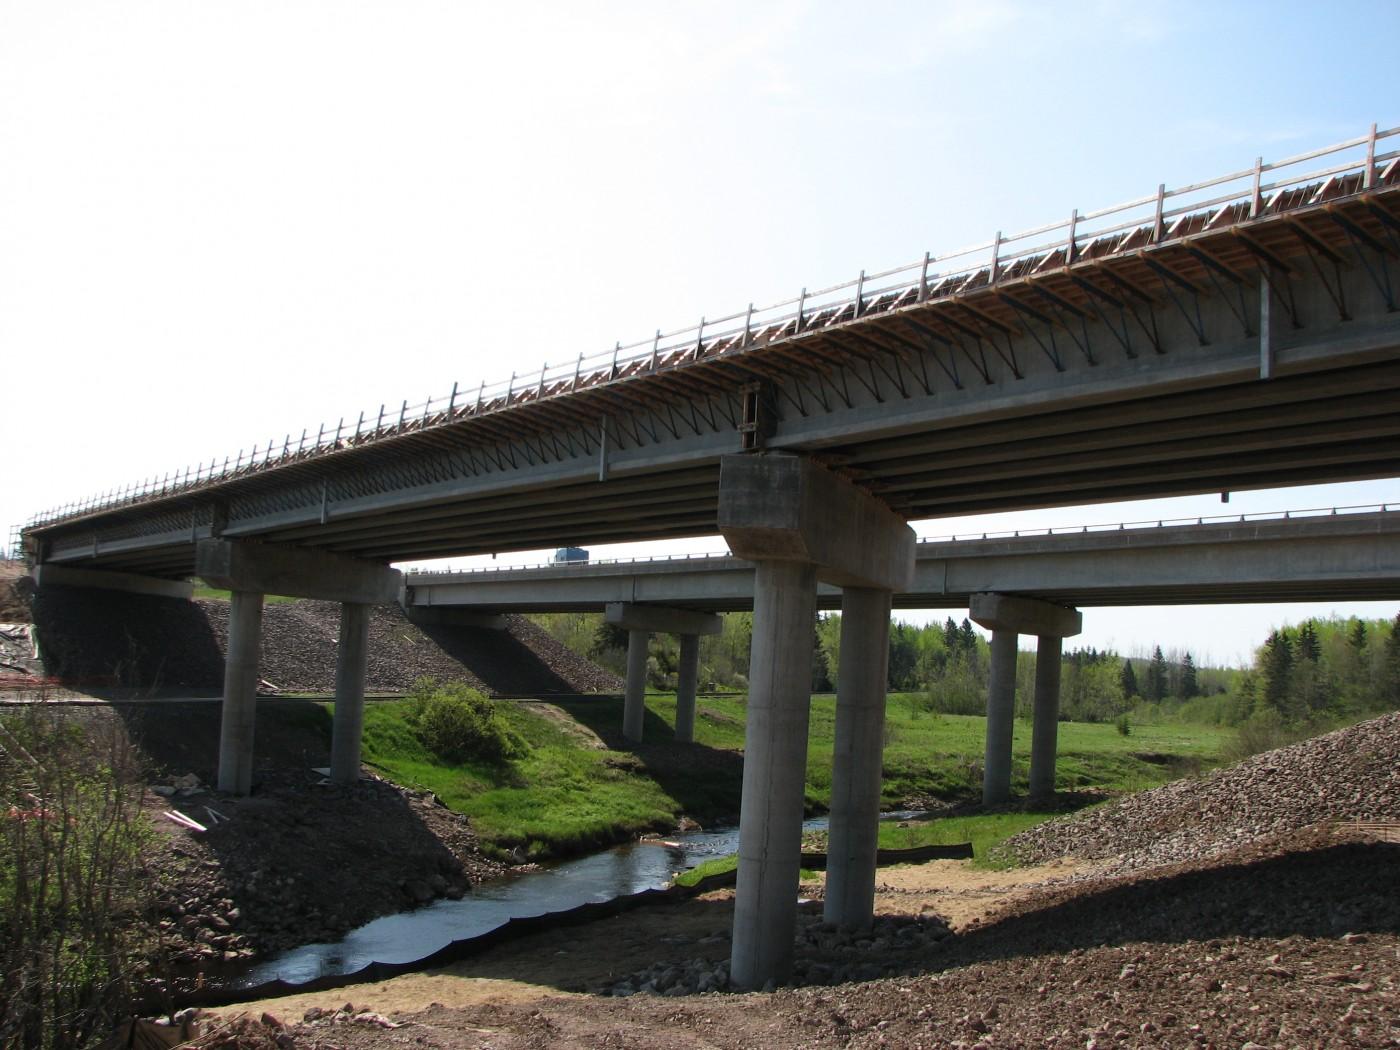 Memramcook River Bridge (2008)